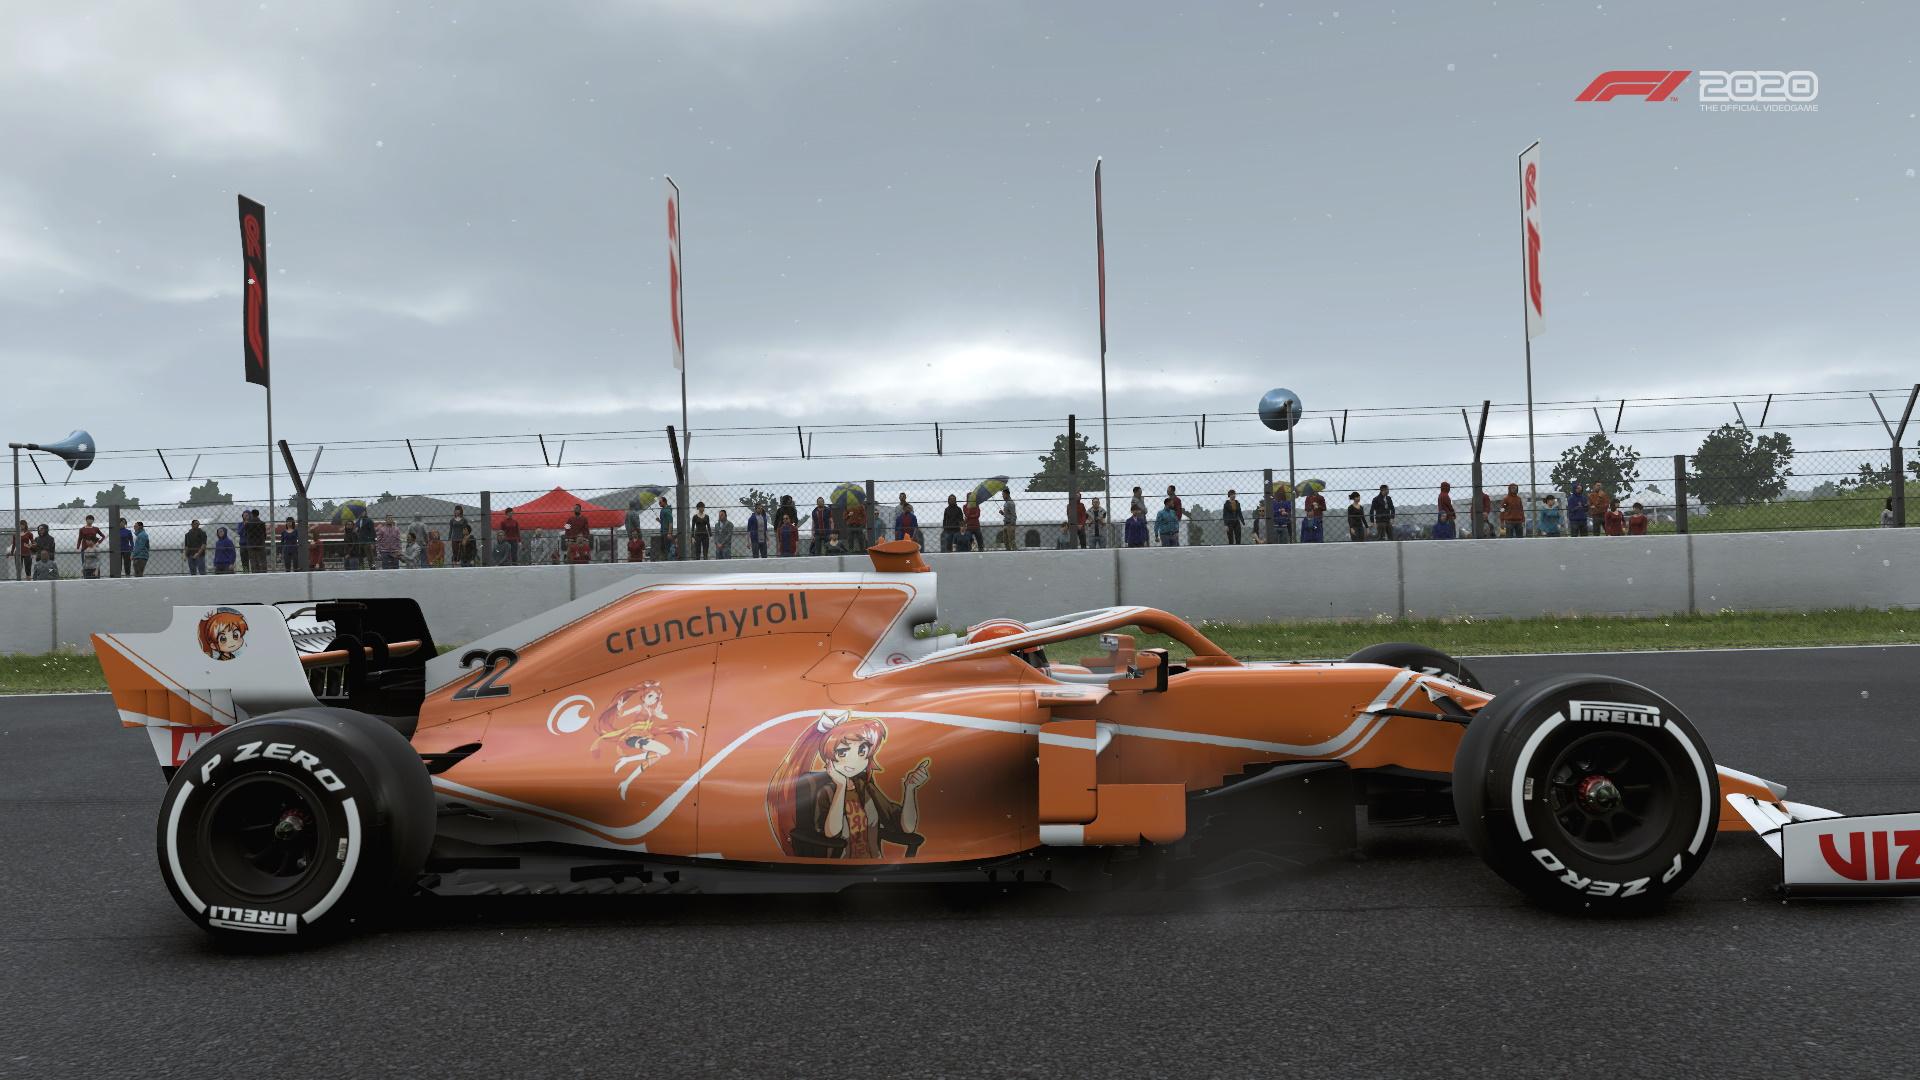 F1 2020 Screenshot 2020.08.21 - 14.10.07.18.jpg